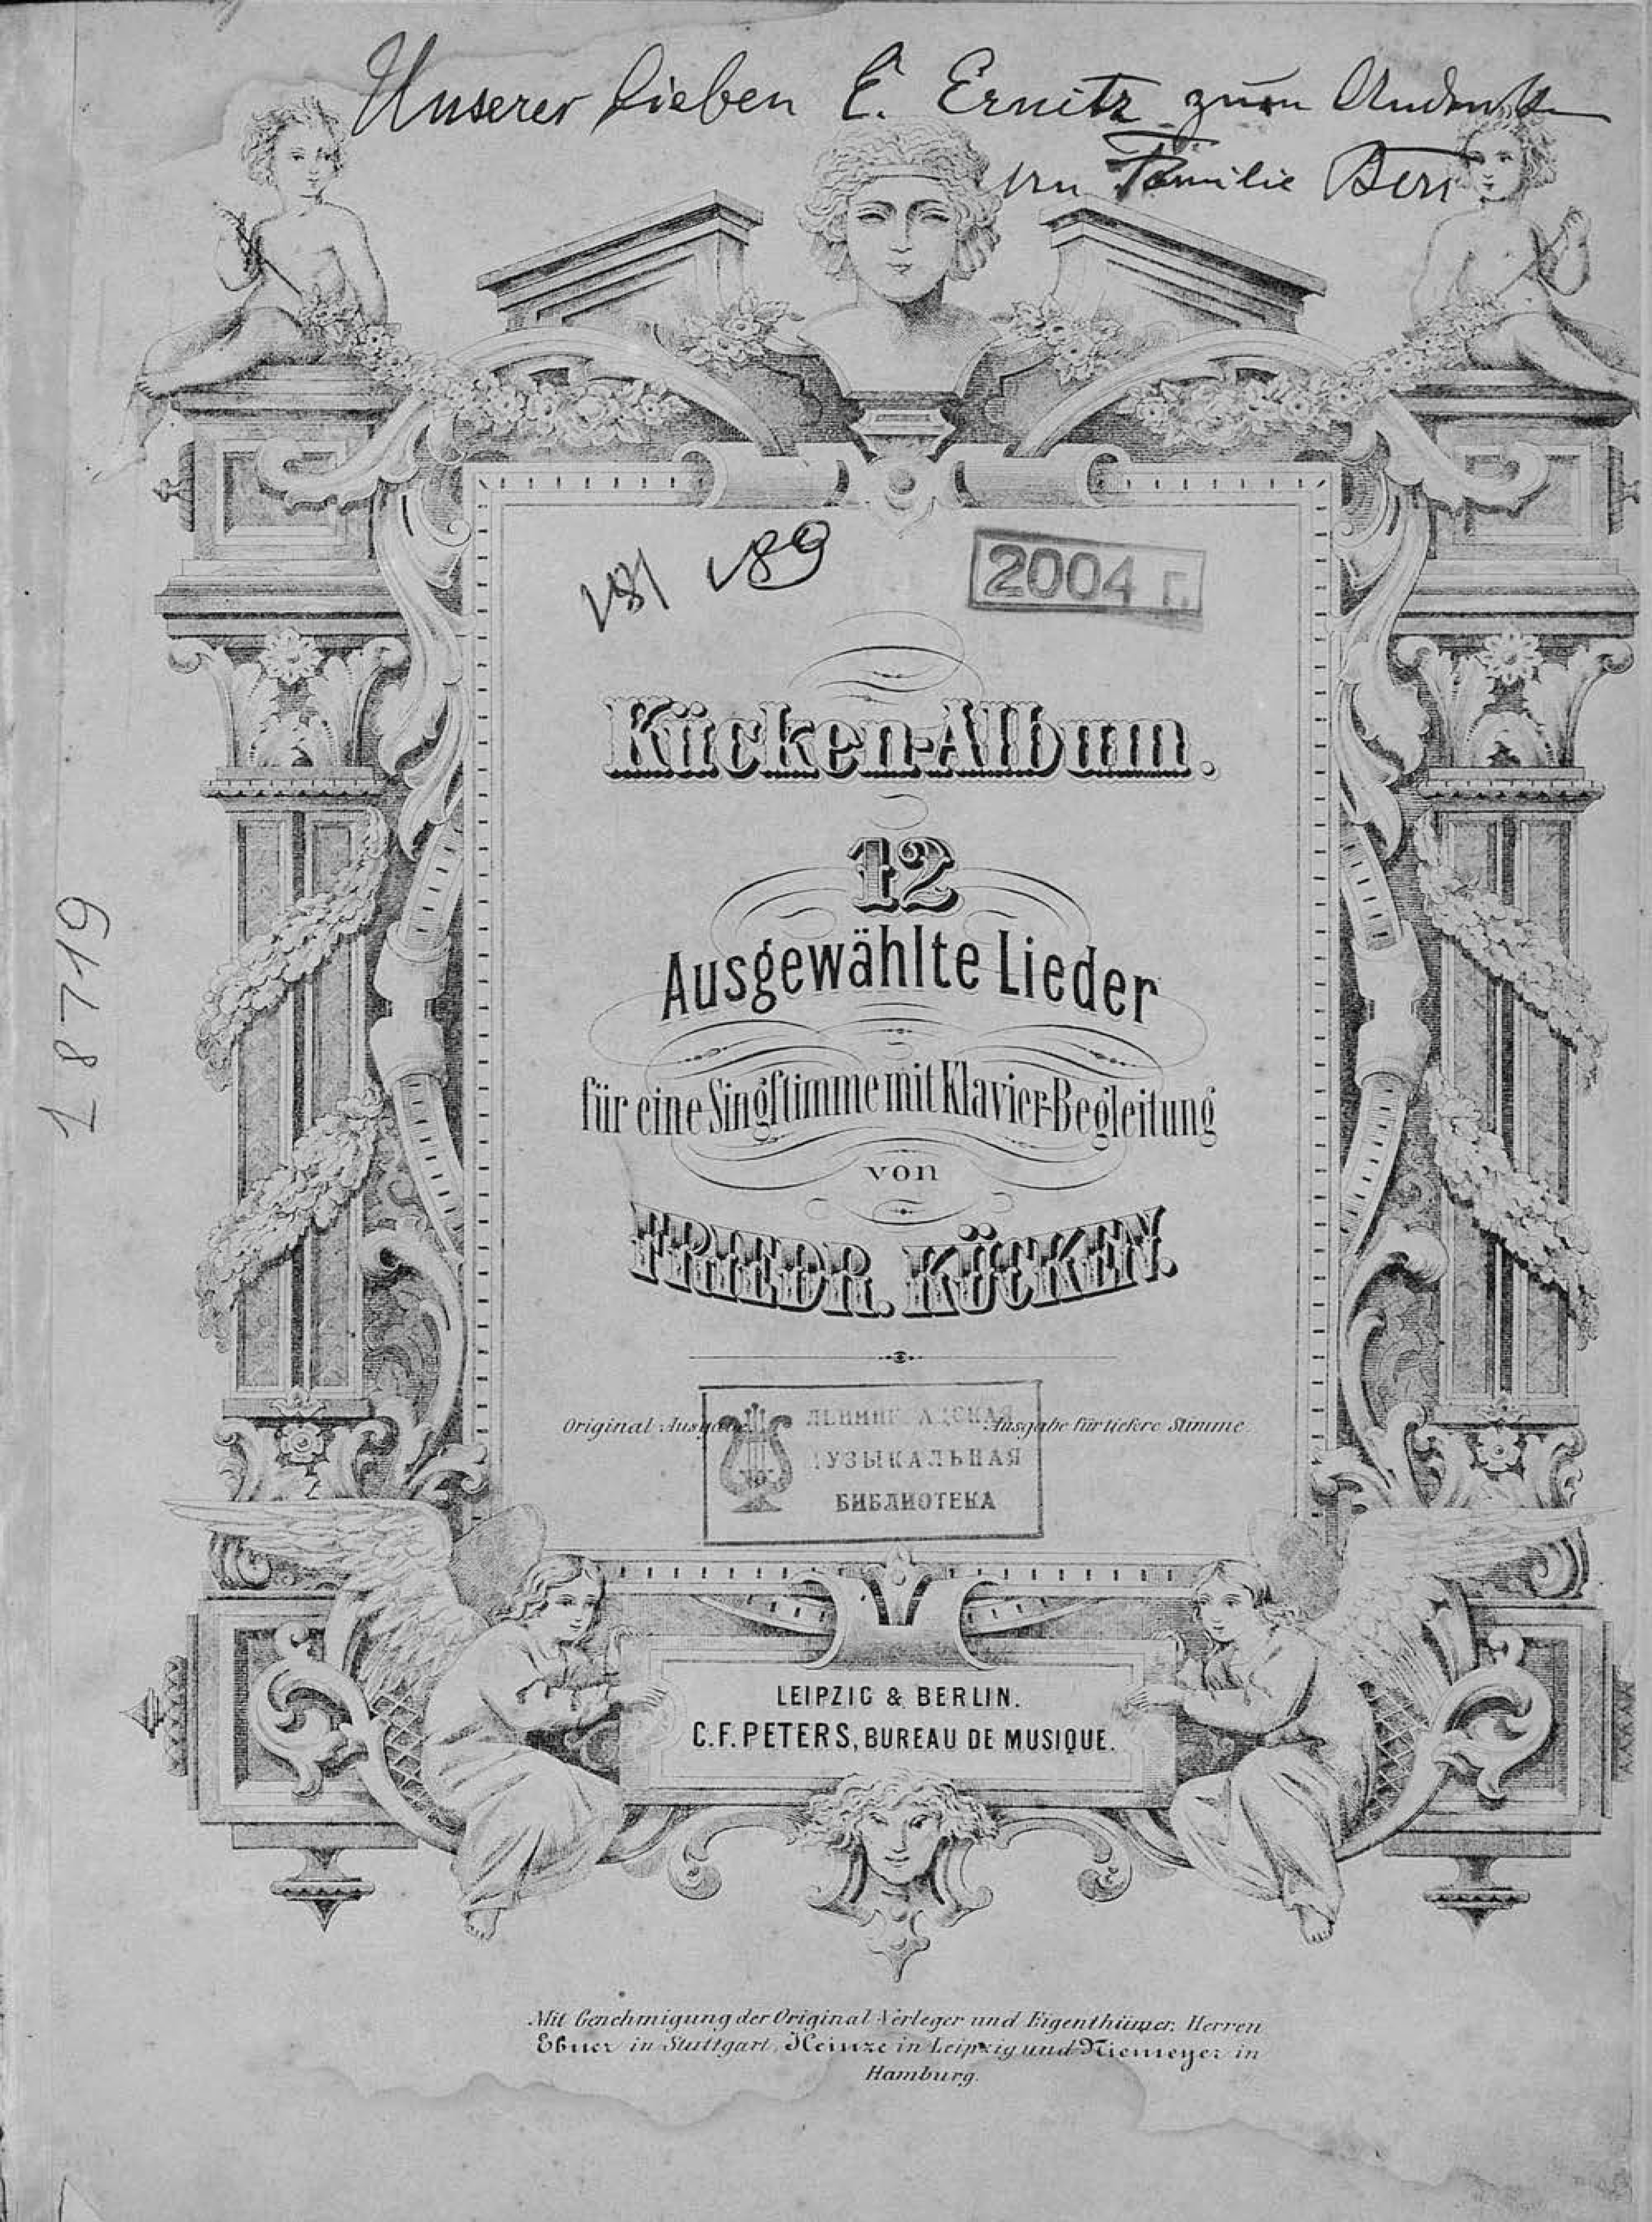 Фридрих Вильгельм Кюккен 12 Ausgewahlte Lieder fur eine Singstimme mit Klavier-Begleitung v. Friedr. Kucken